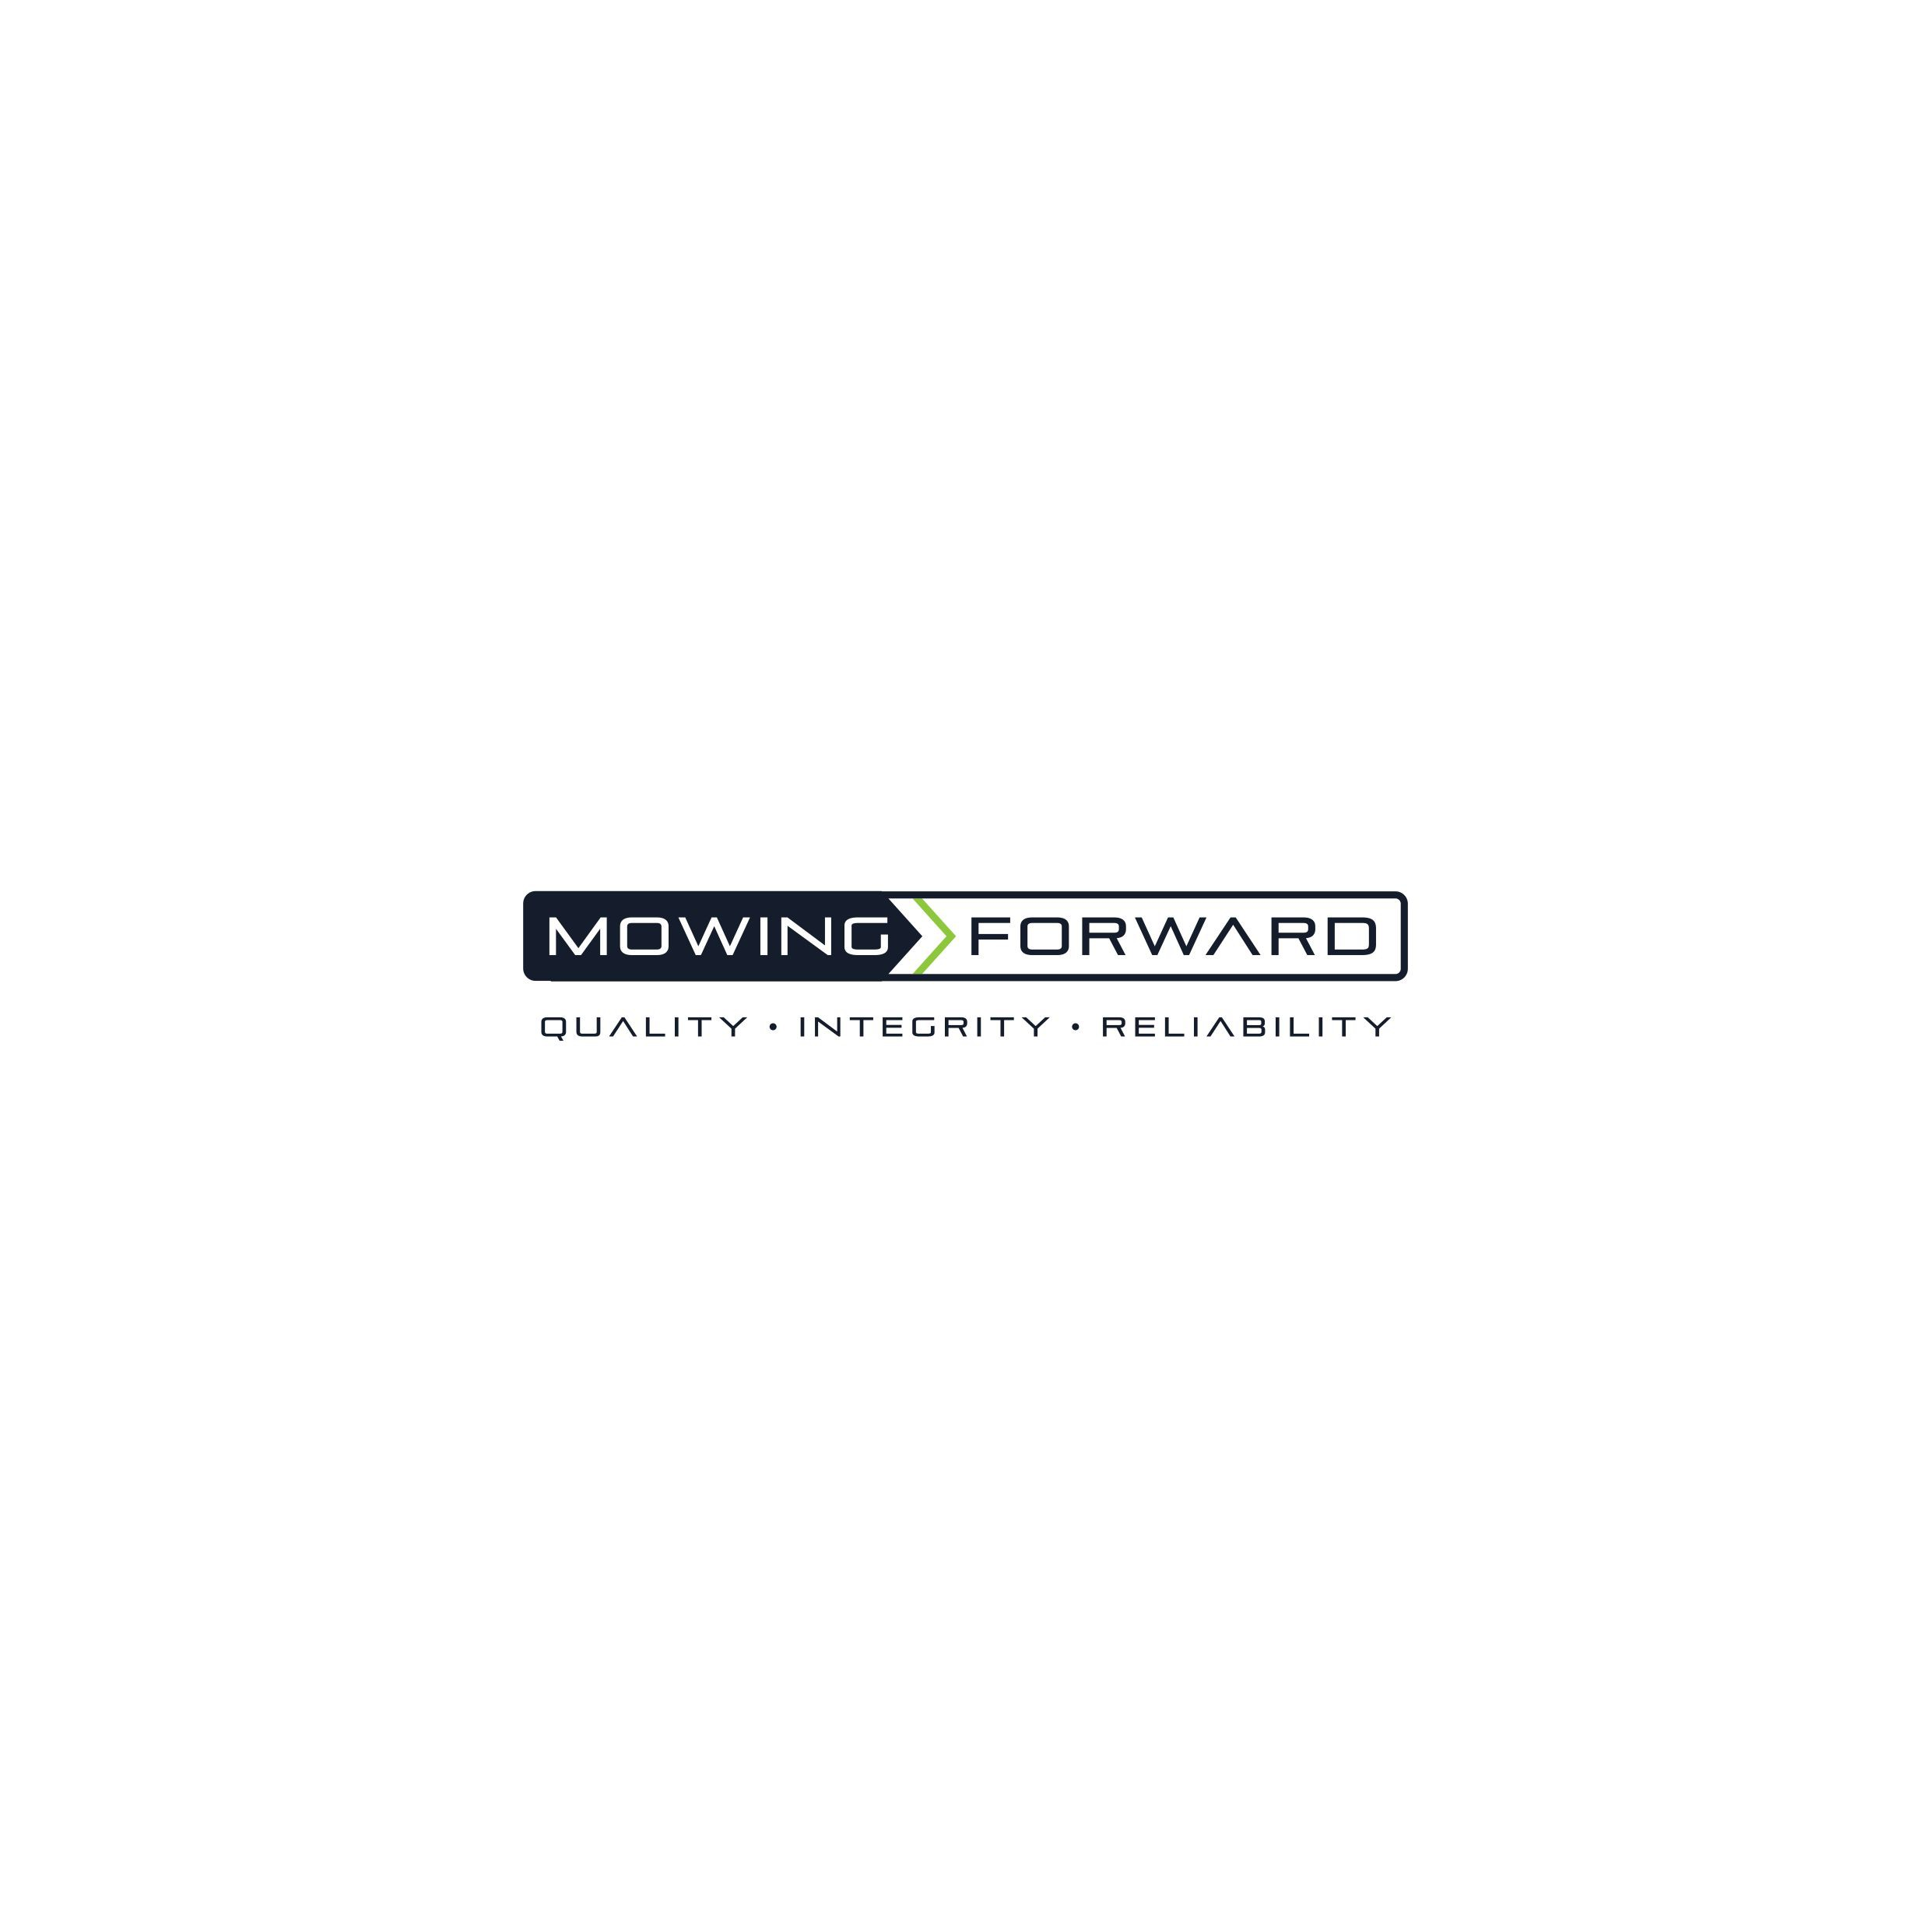 Mowing Forward